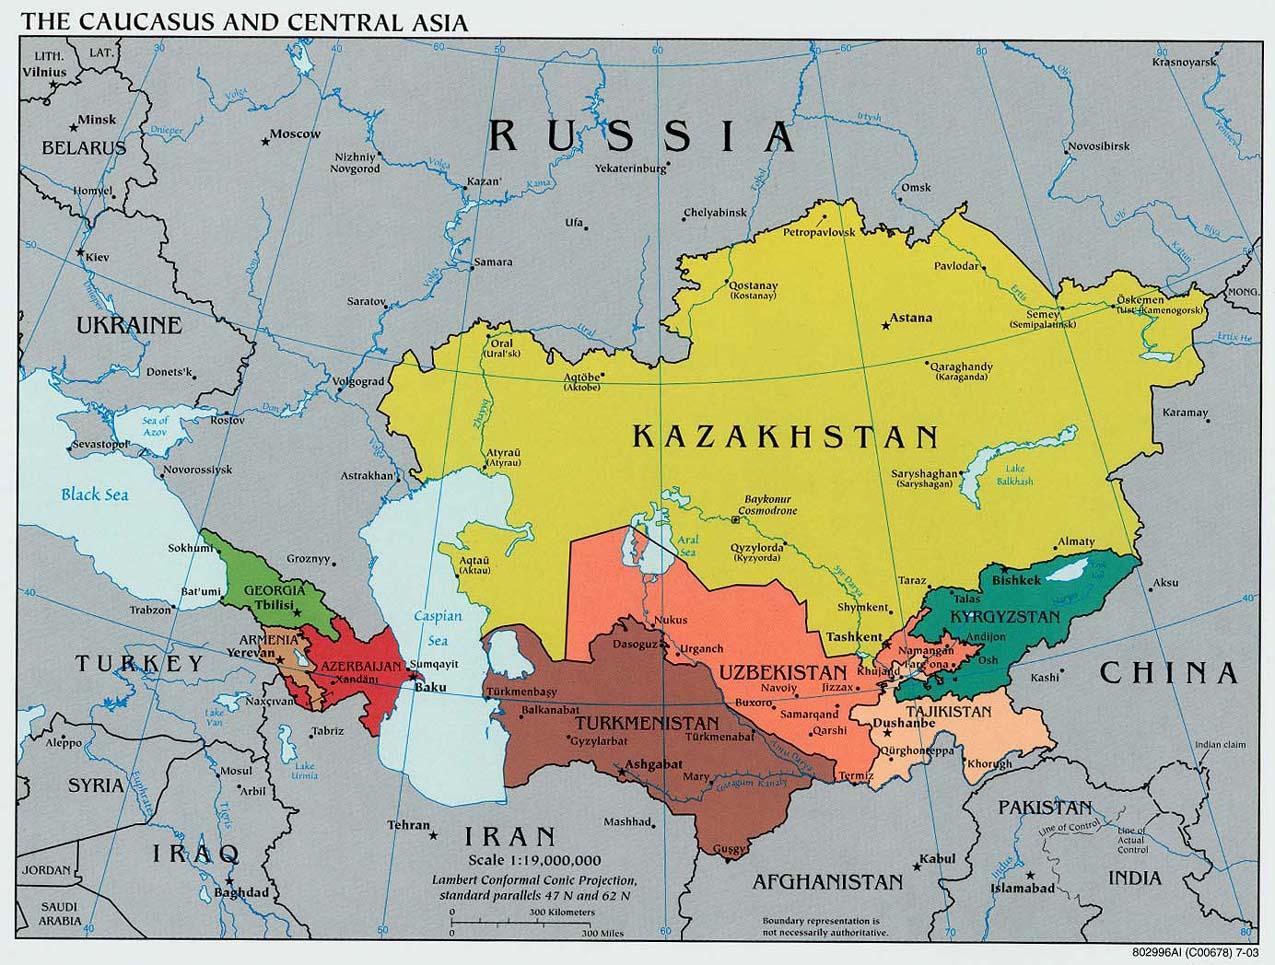 caucasus_cntrl_asia_pol_2003